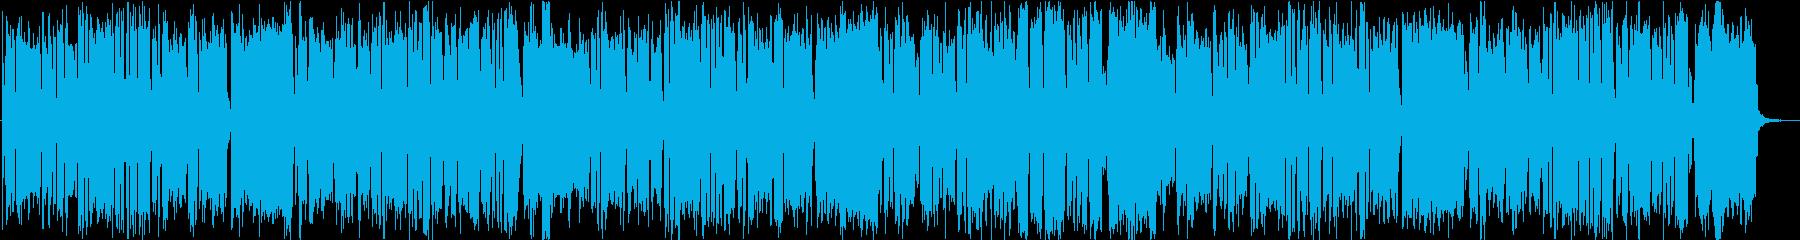 ビッグバンド風BGMの再生済みの波形